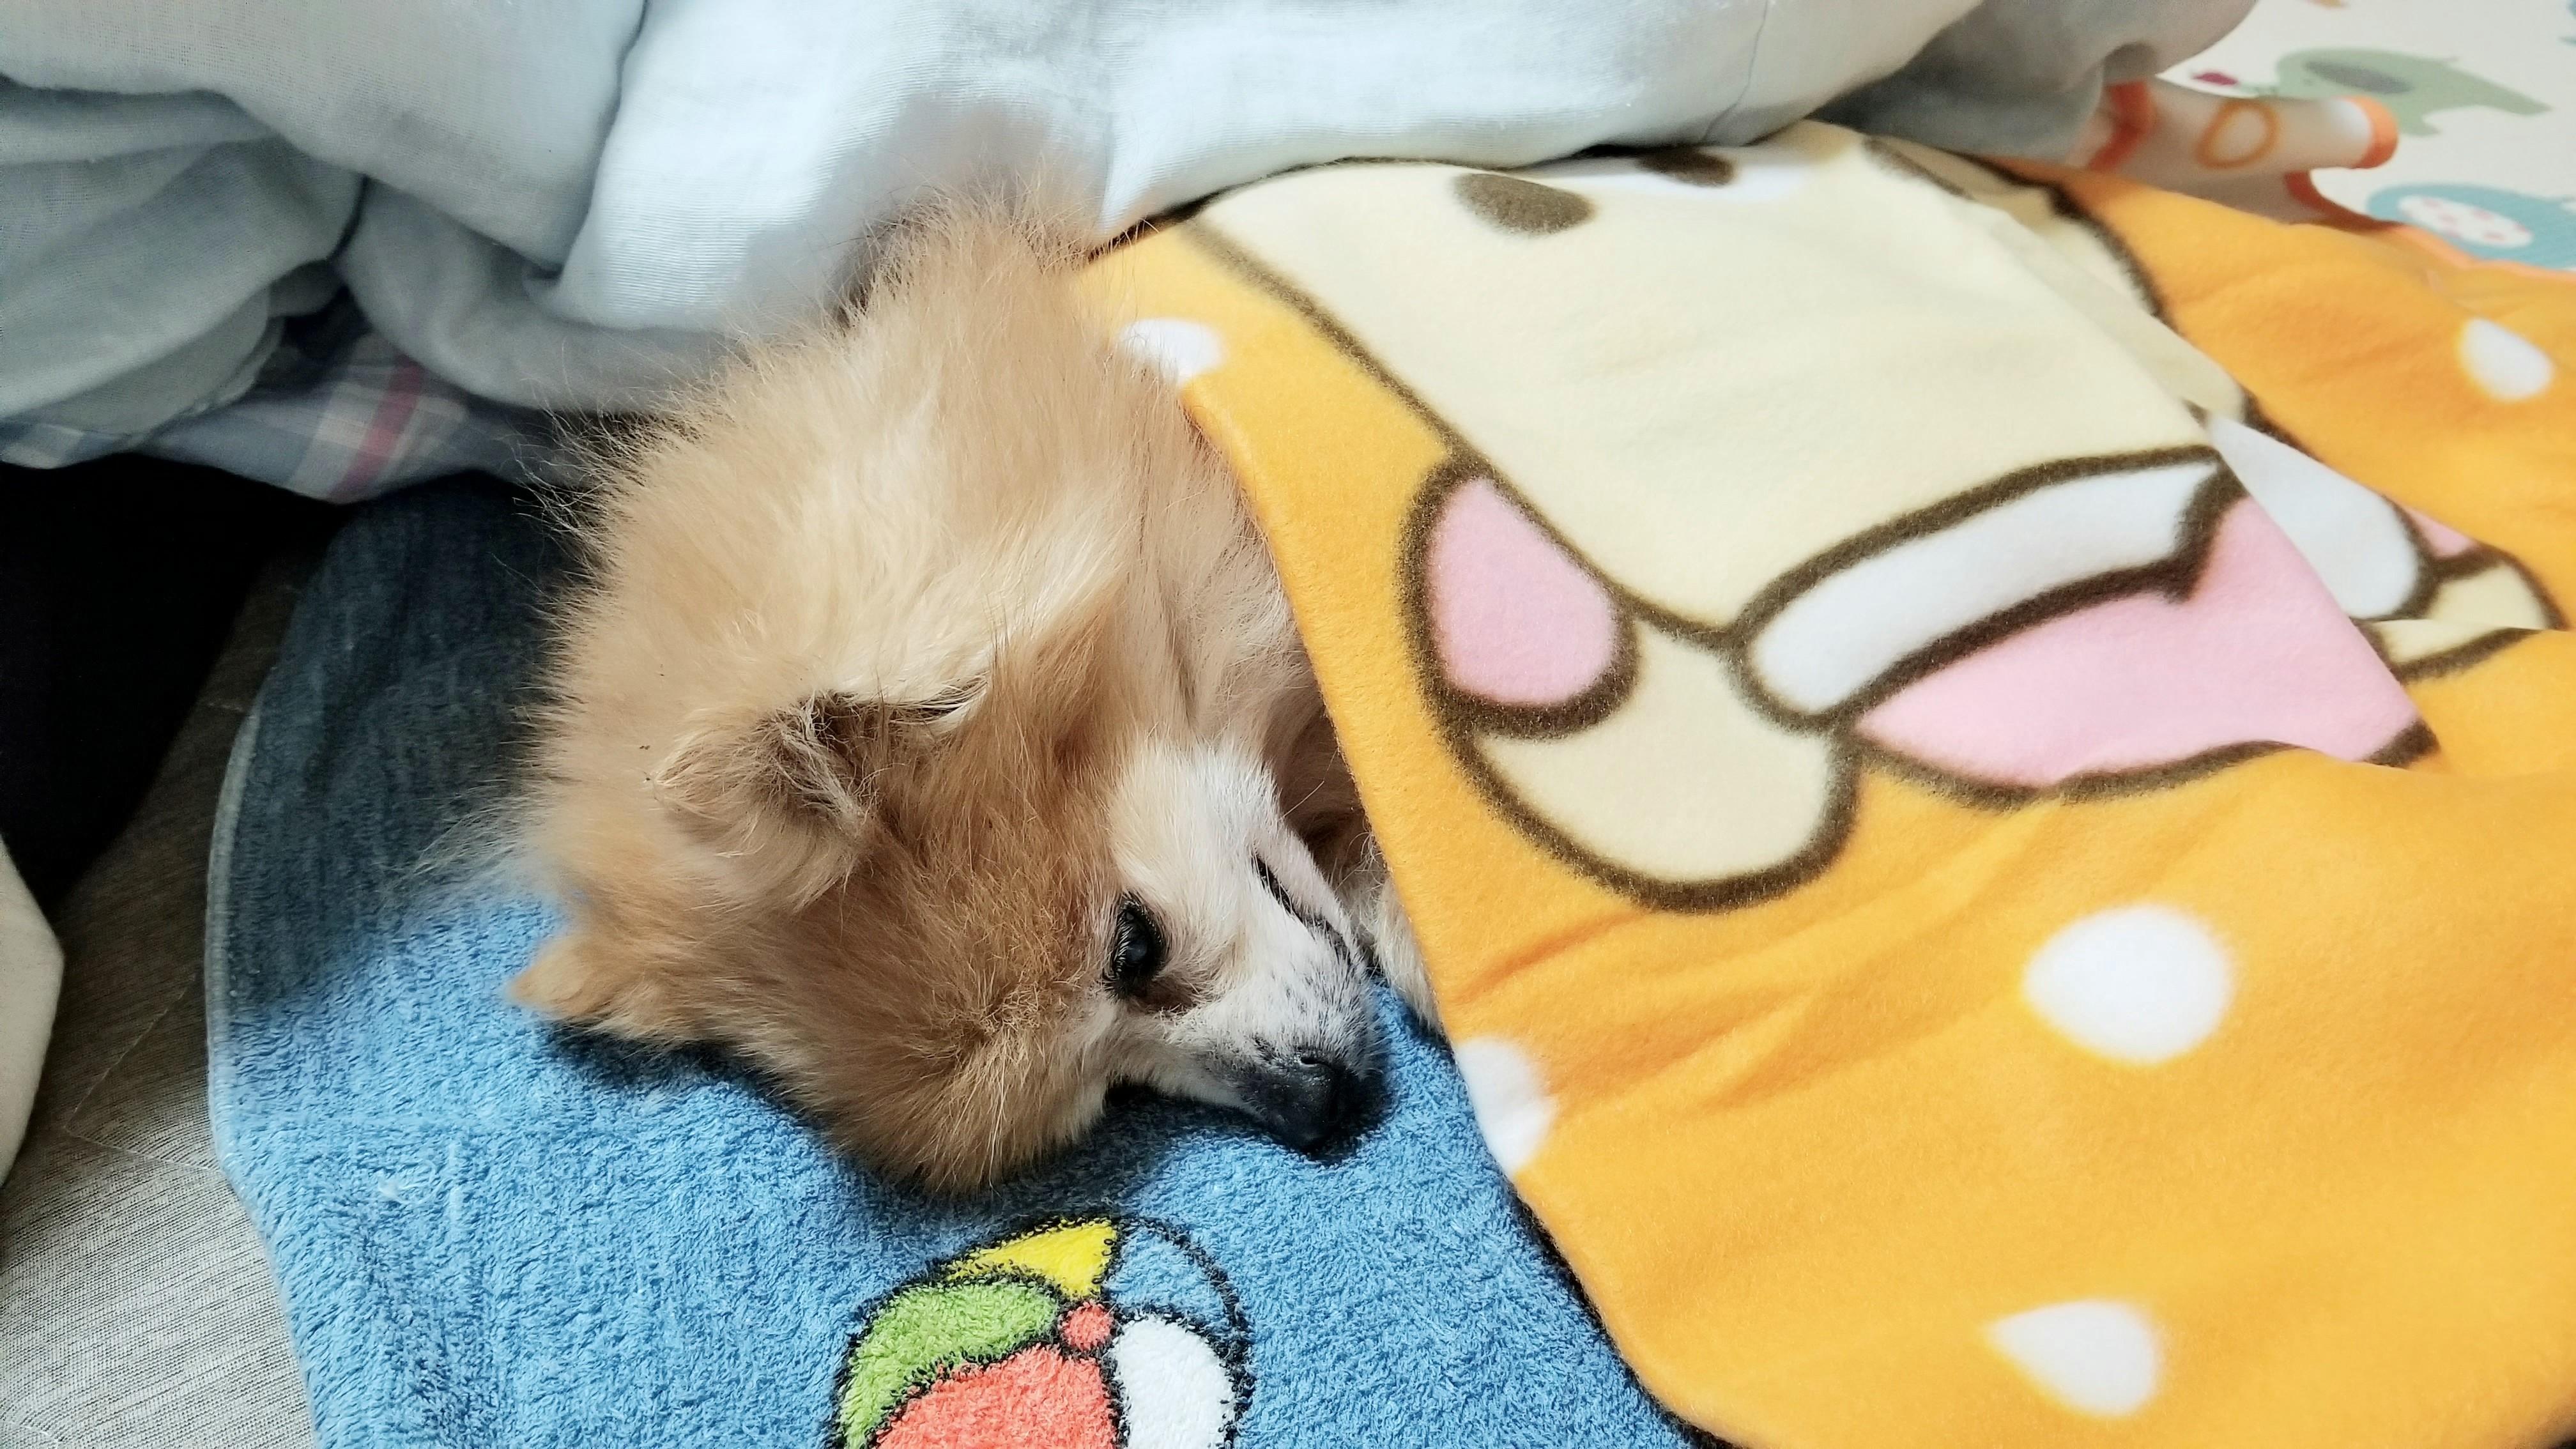 愛犬老犬動物ペット病気元気がない歩けない立てない寝たきり生活